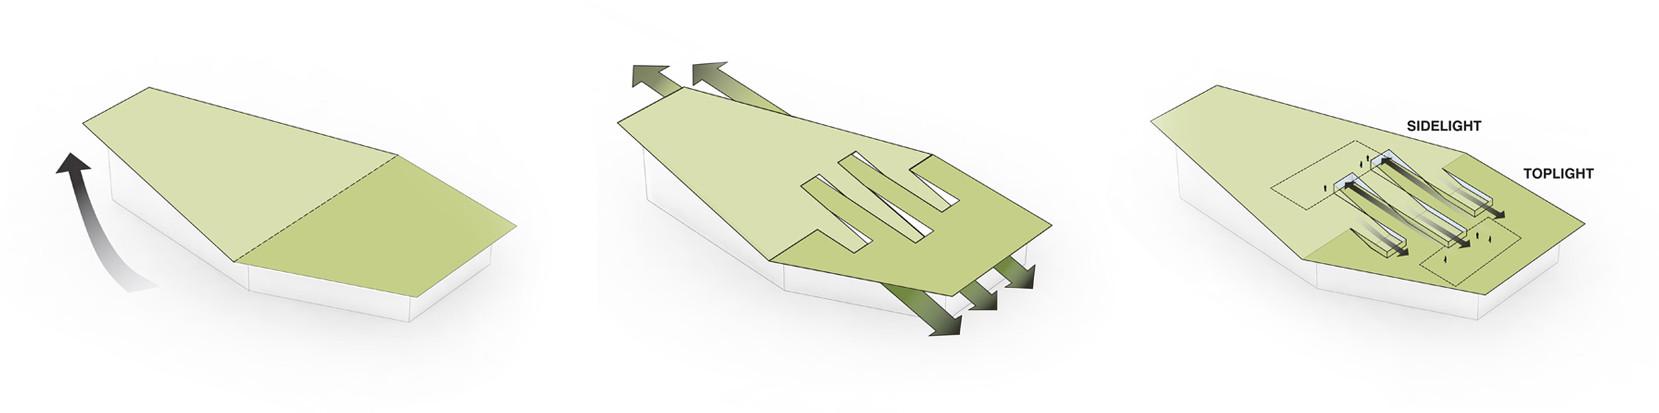 Nabe_Guggenheim_Helsinki_green roof DIAGRAM.jpg